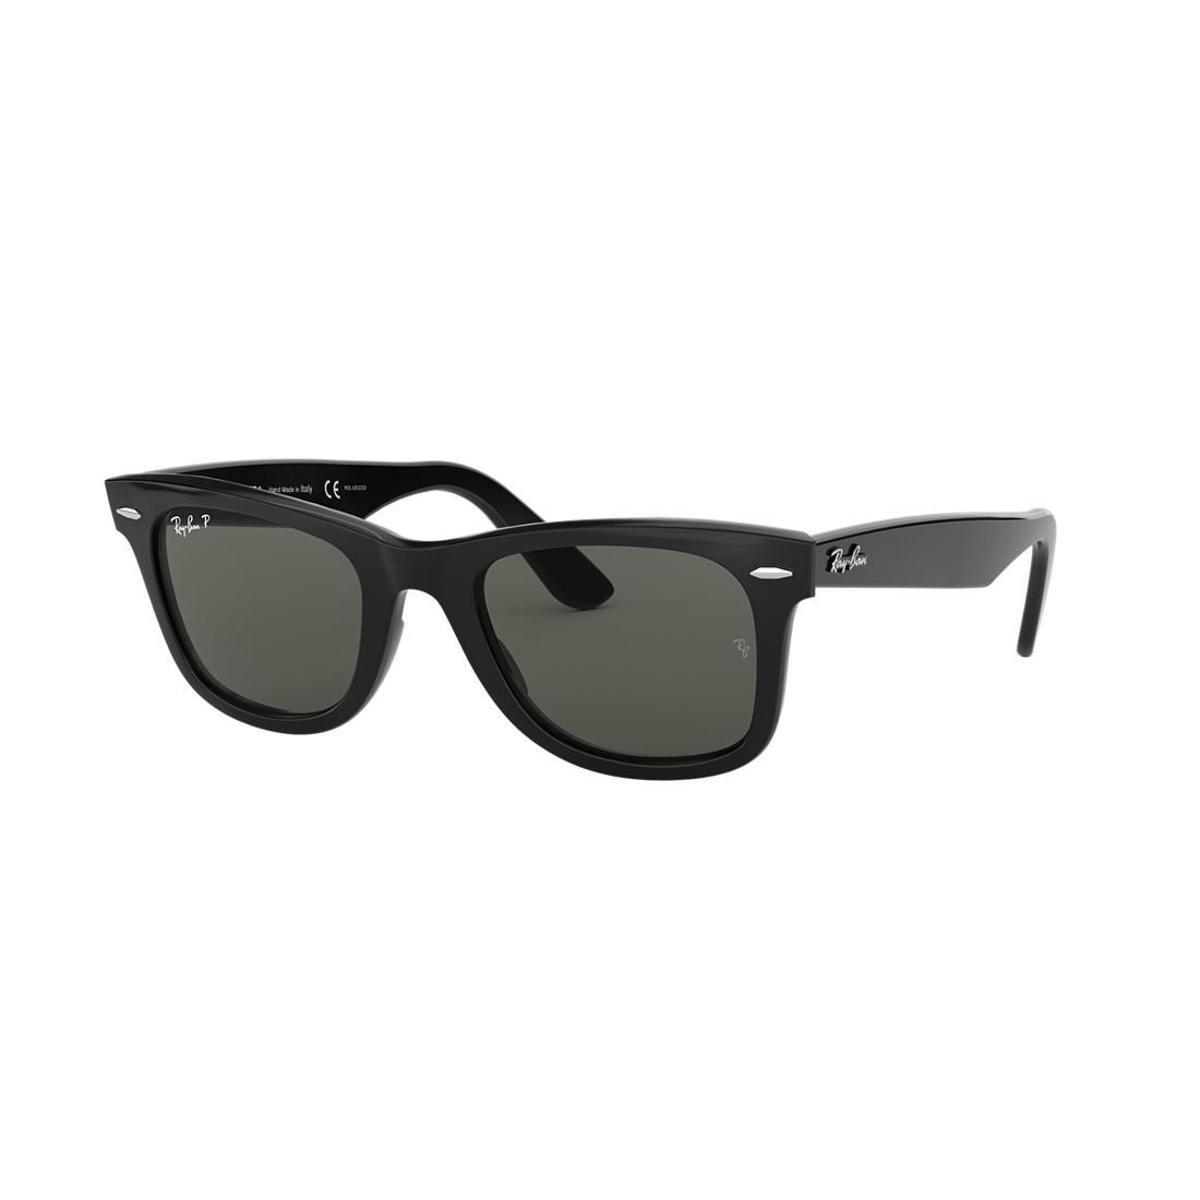 b9fec7d10f9ca Óculos de Sol Ray-Ban RB2140 Original Wayfarer Clássico - Preto ...